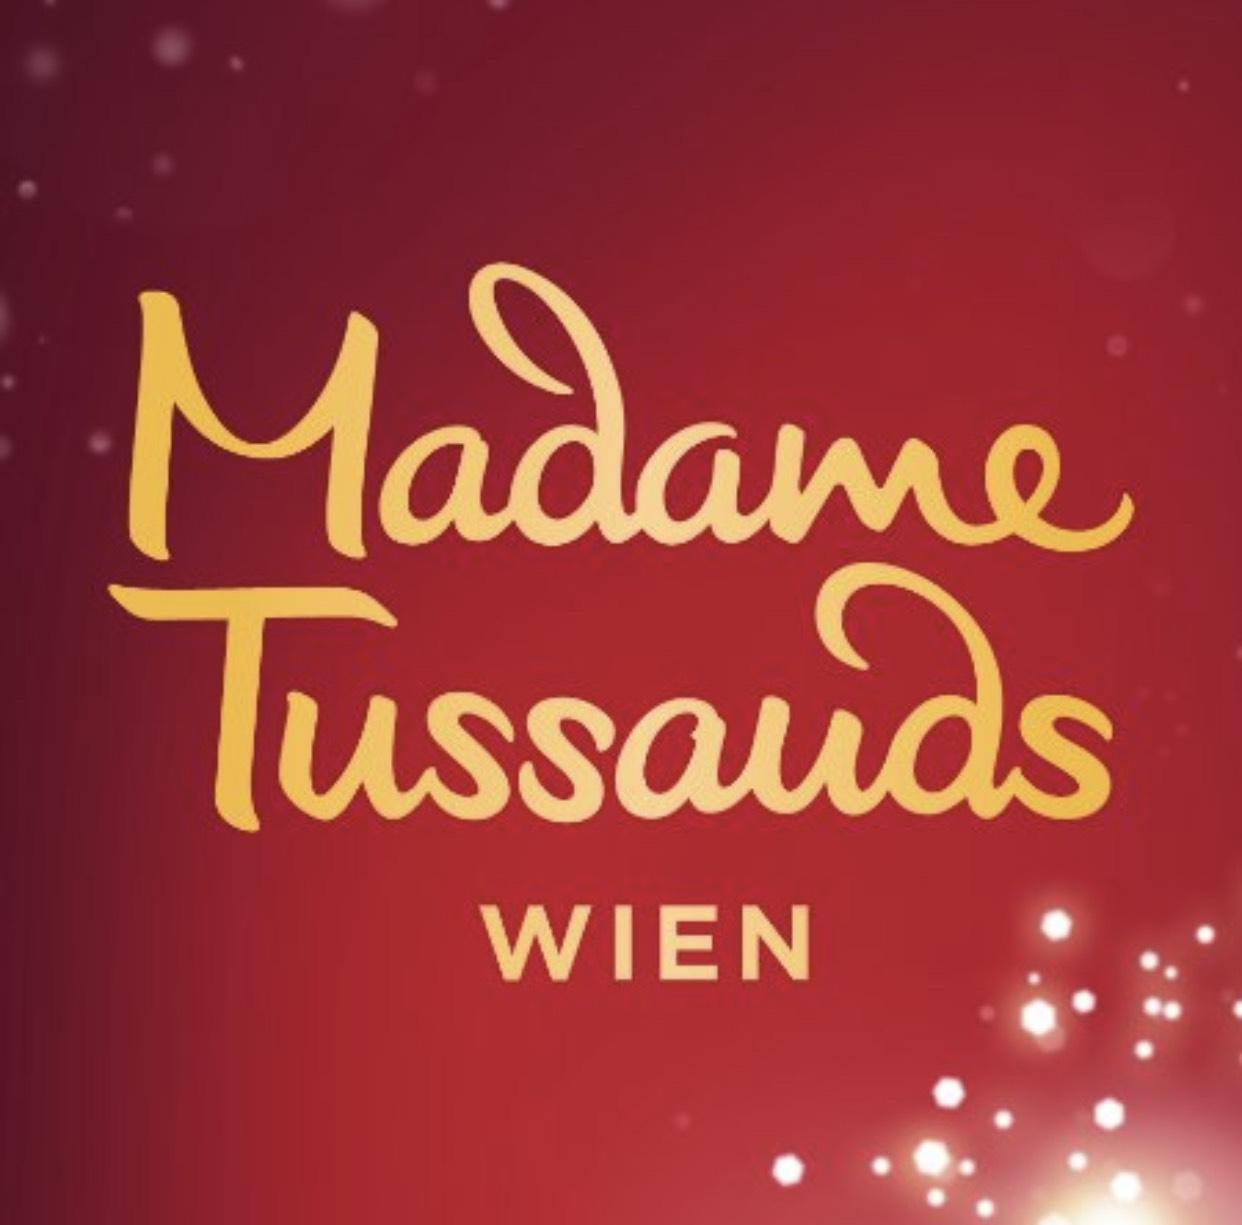 Madame Tussauds Wien: 1+1 Gratis Eintritt.